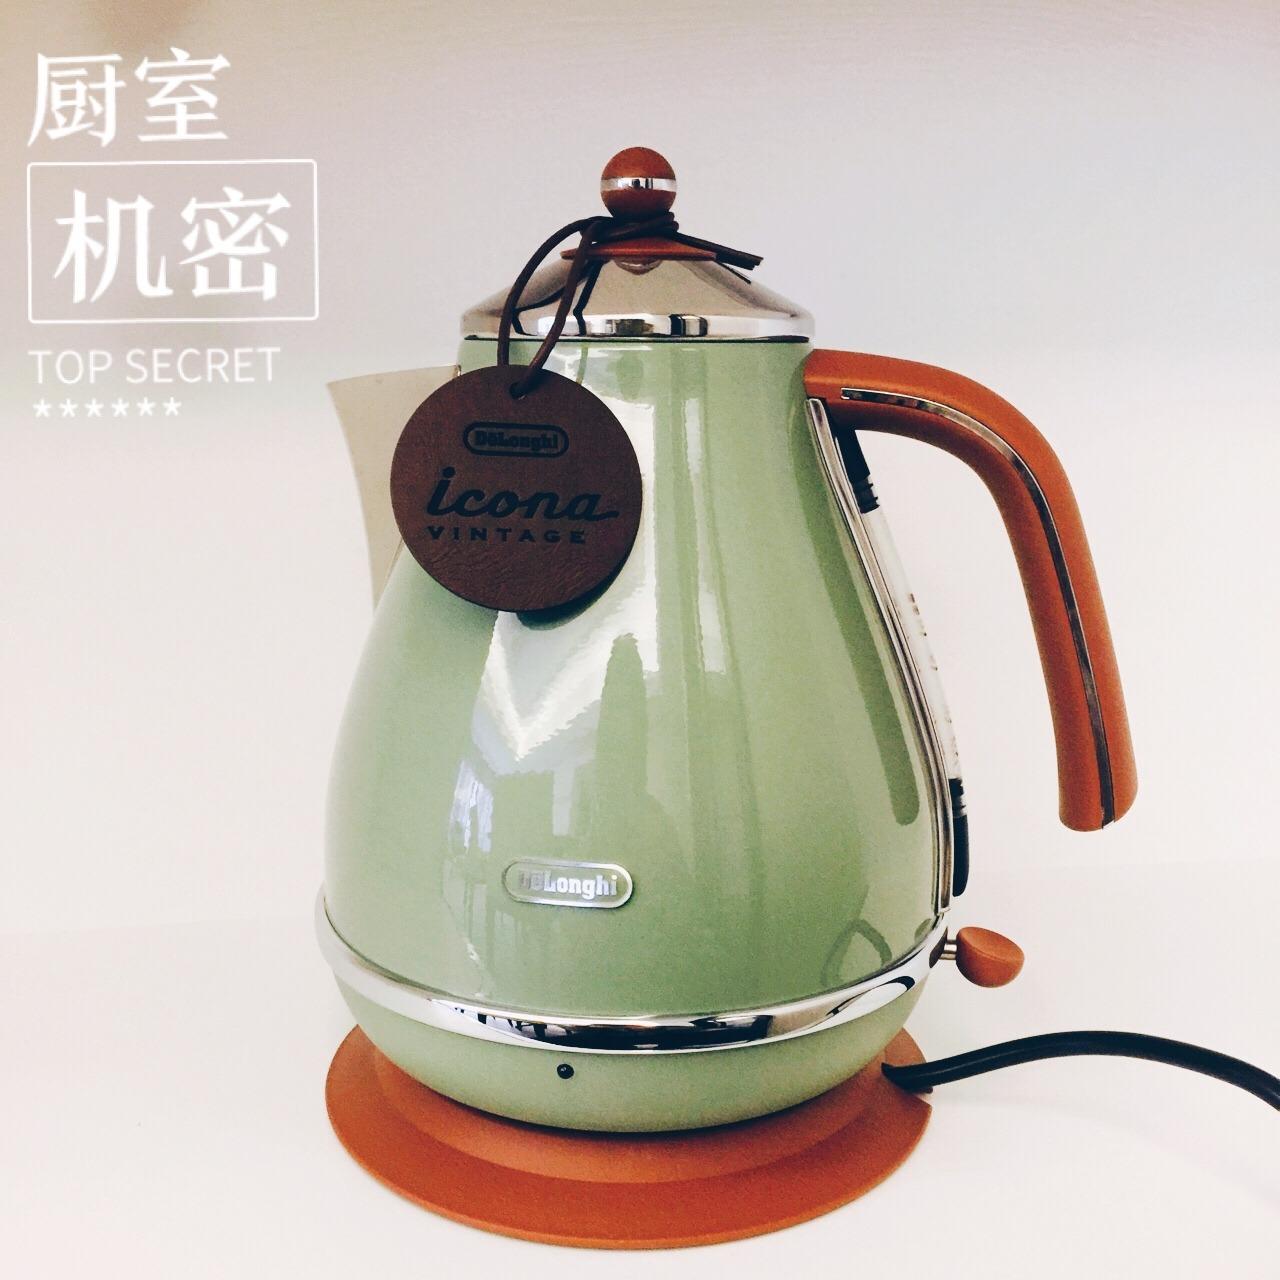 电热水壶,家用电器,厨房家电,热水壶,家居